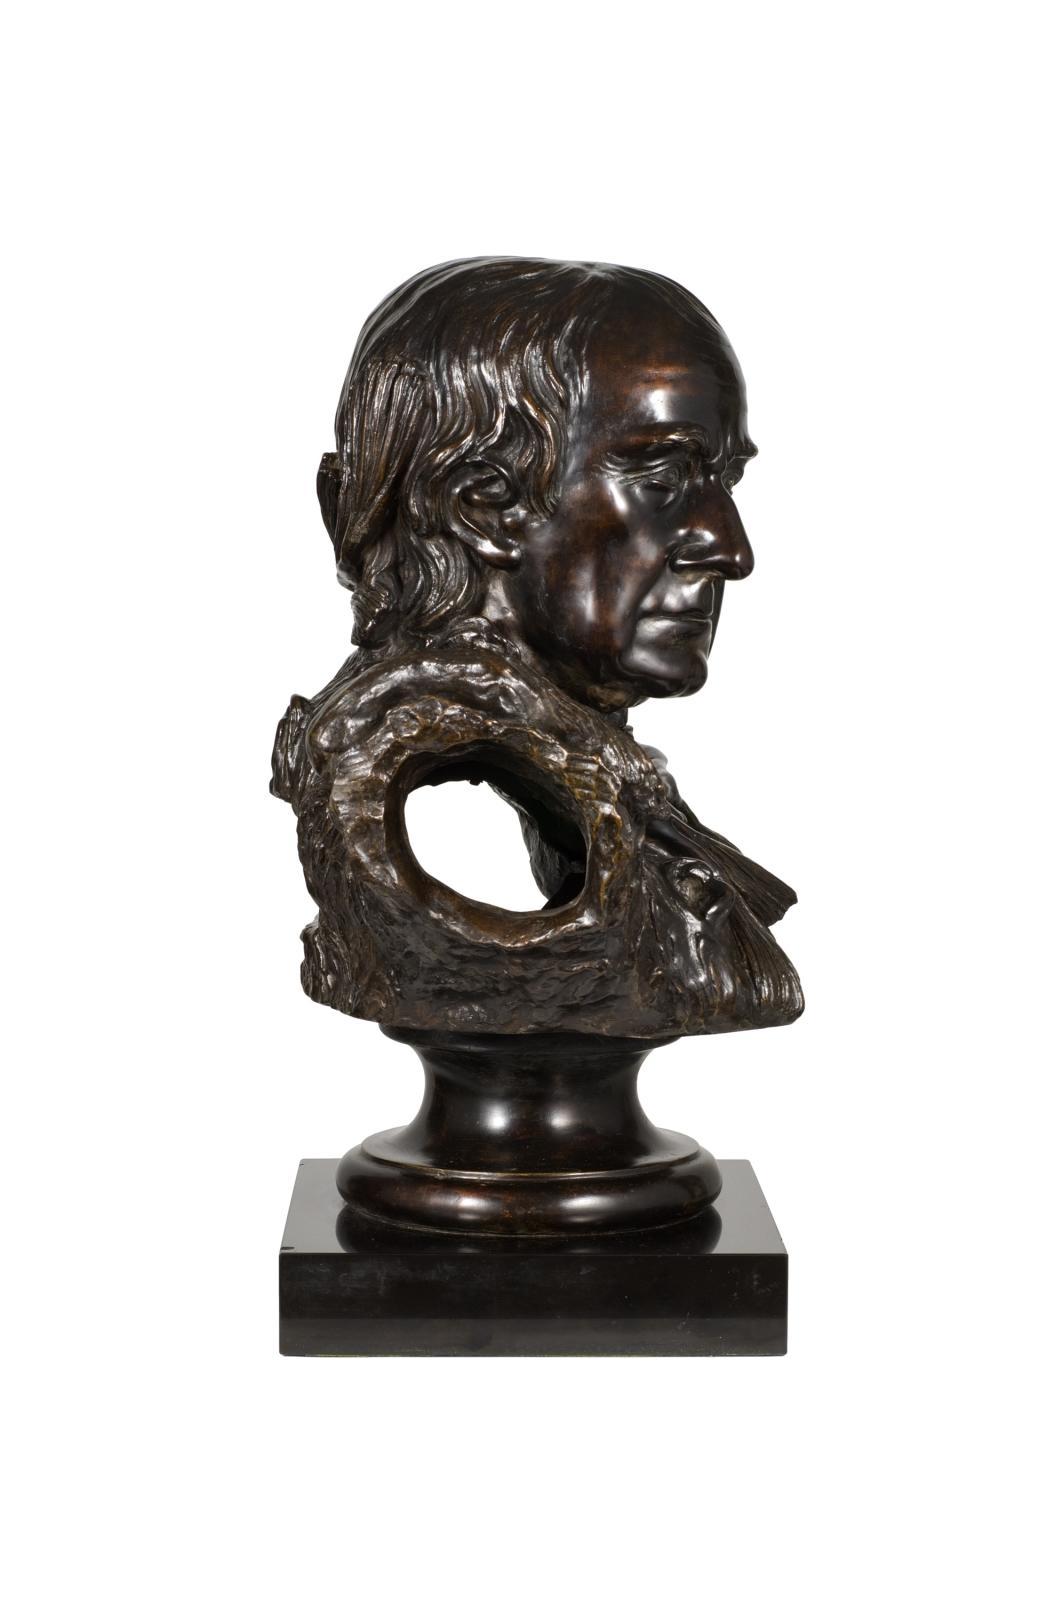 Self Portrait (The Pine Knot Portrait)